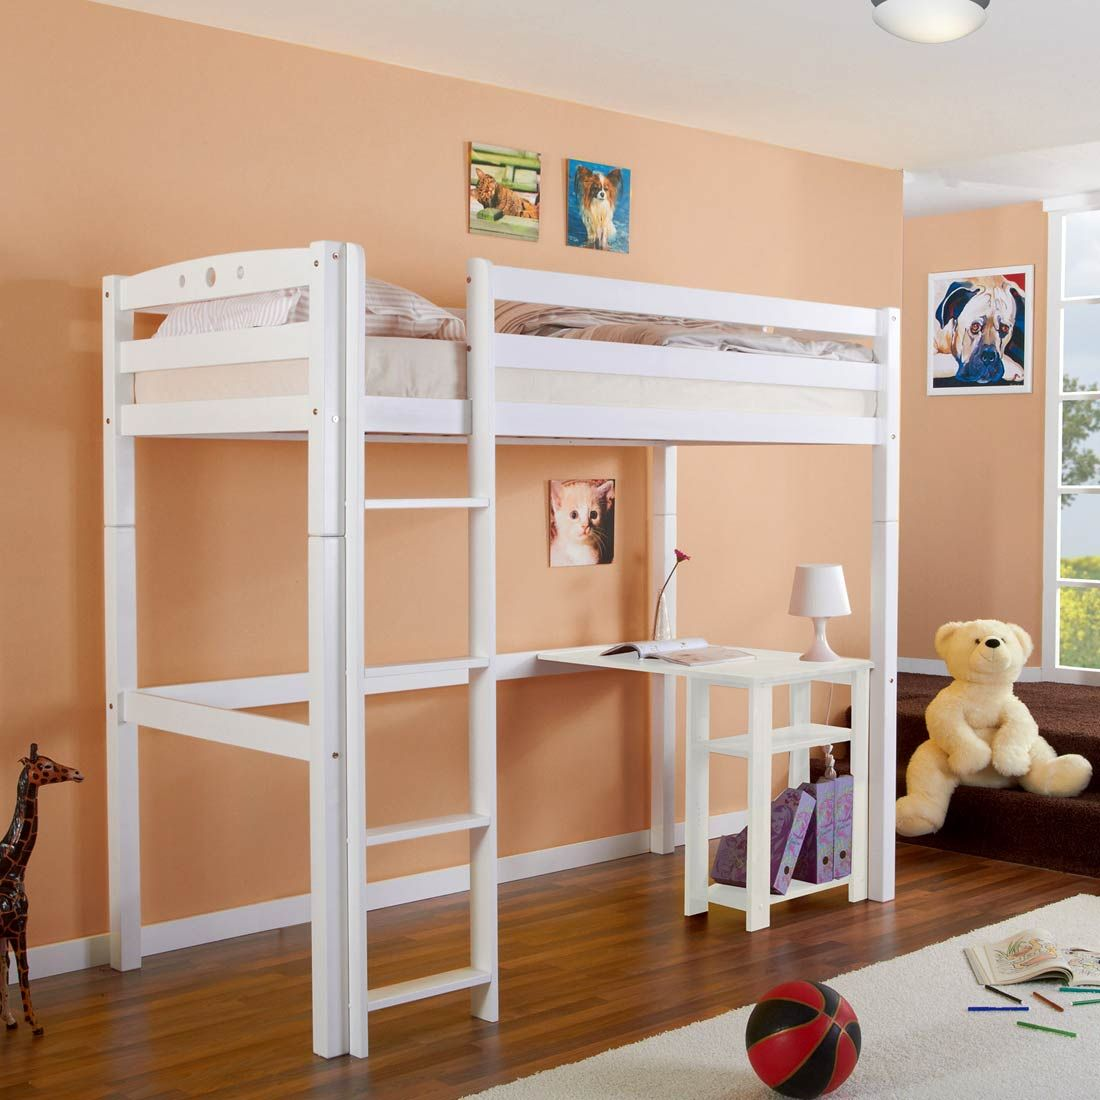 Ticaa Kinder Und Jugendbett Fur Ein Modernes Kinderzimmer Home24